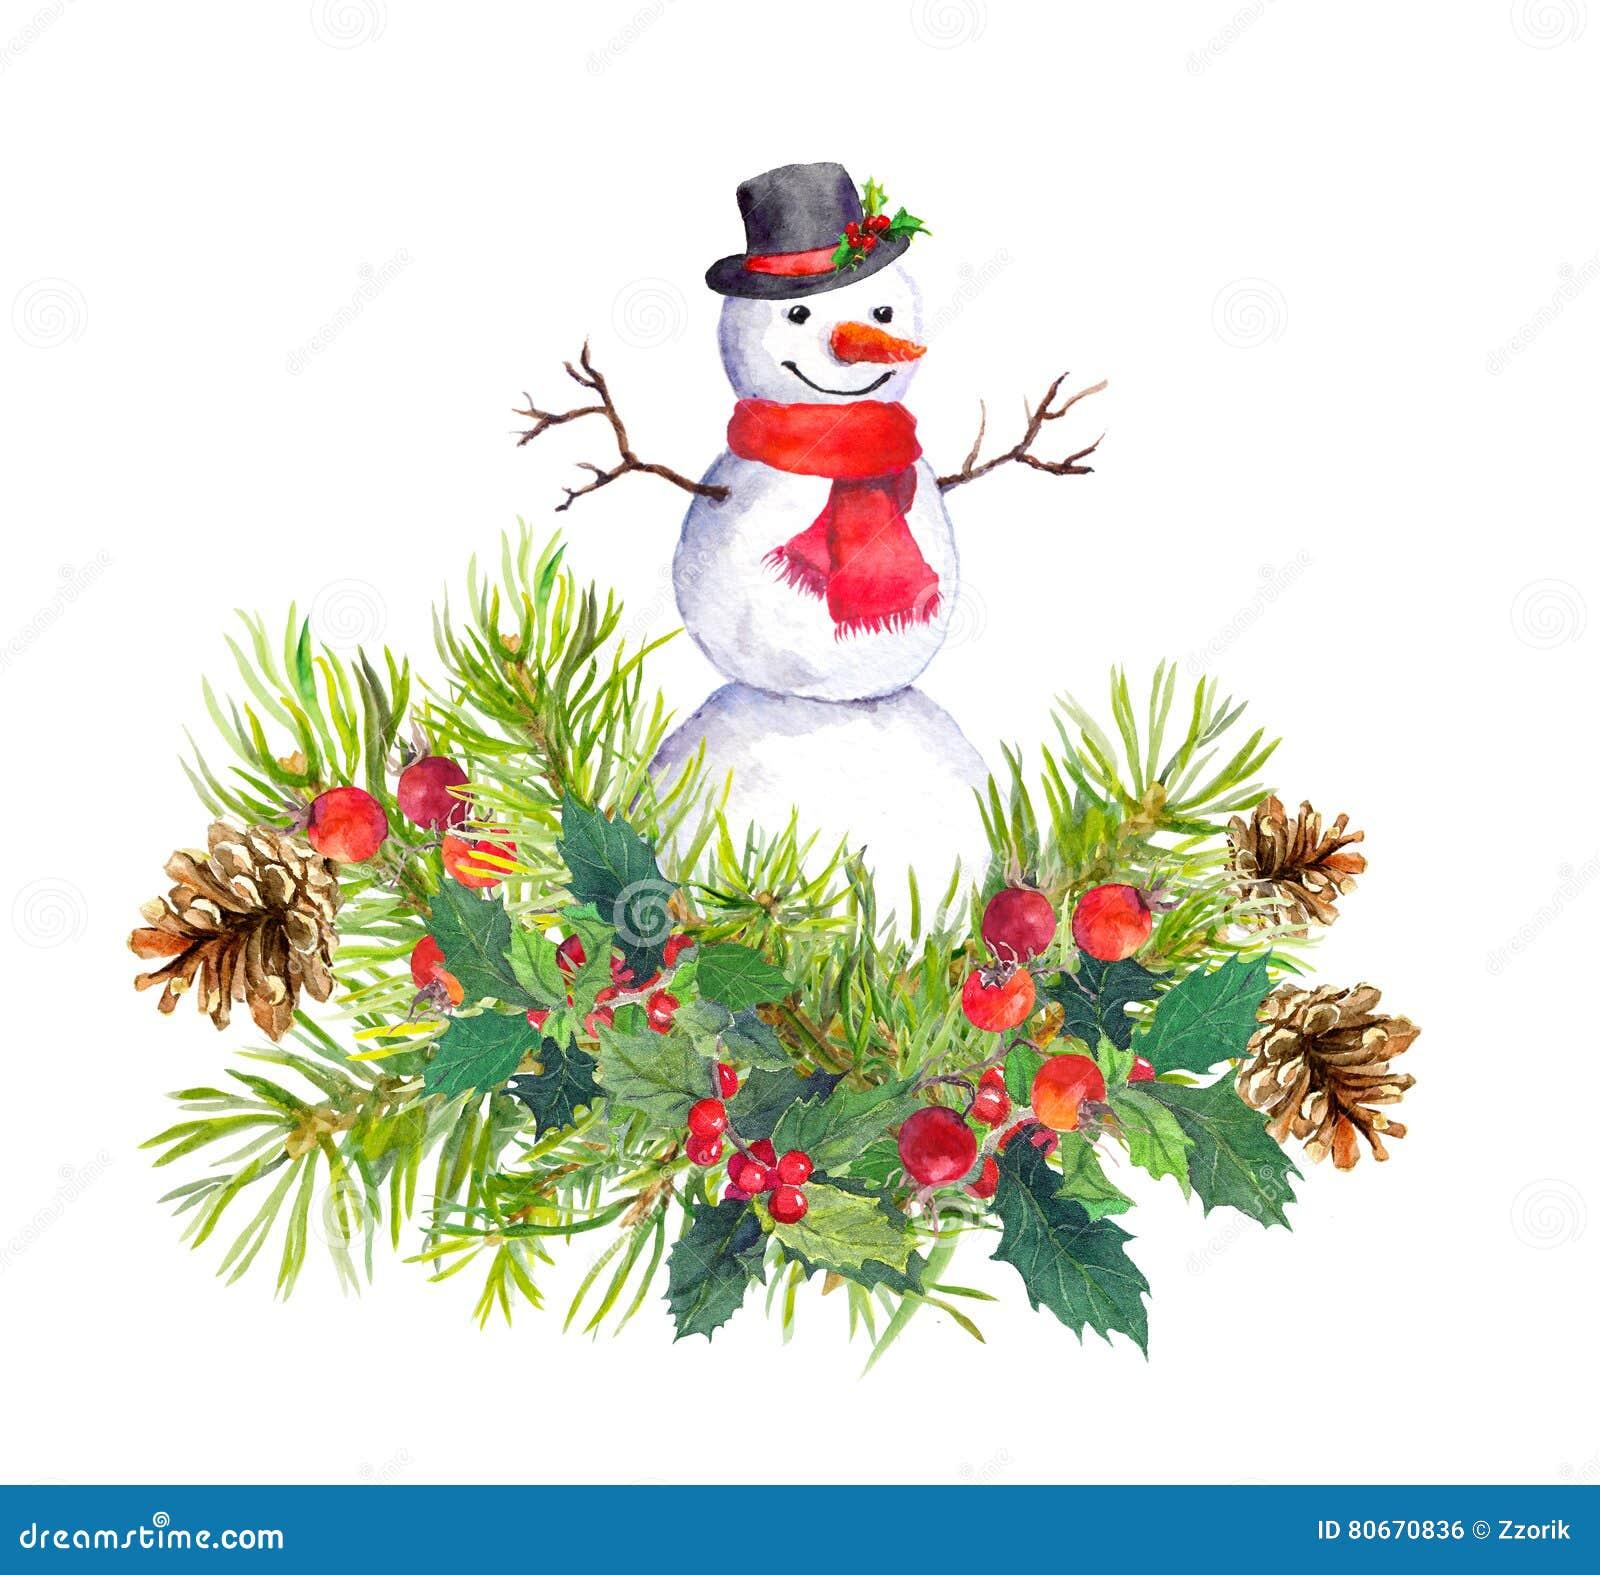 schneemann tannenbaum weihnachtsmistelzweig watercolor stockfoto bild 80670836. Black Bedroom Furniture Sets. Home Design Ideas